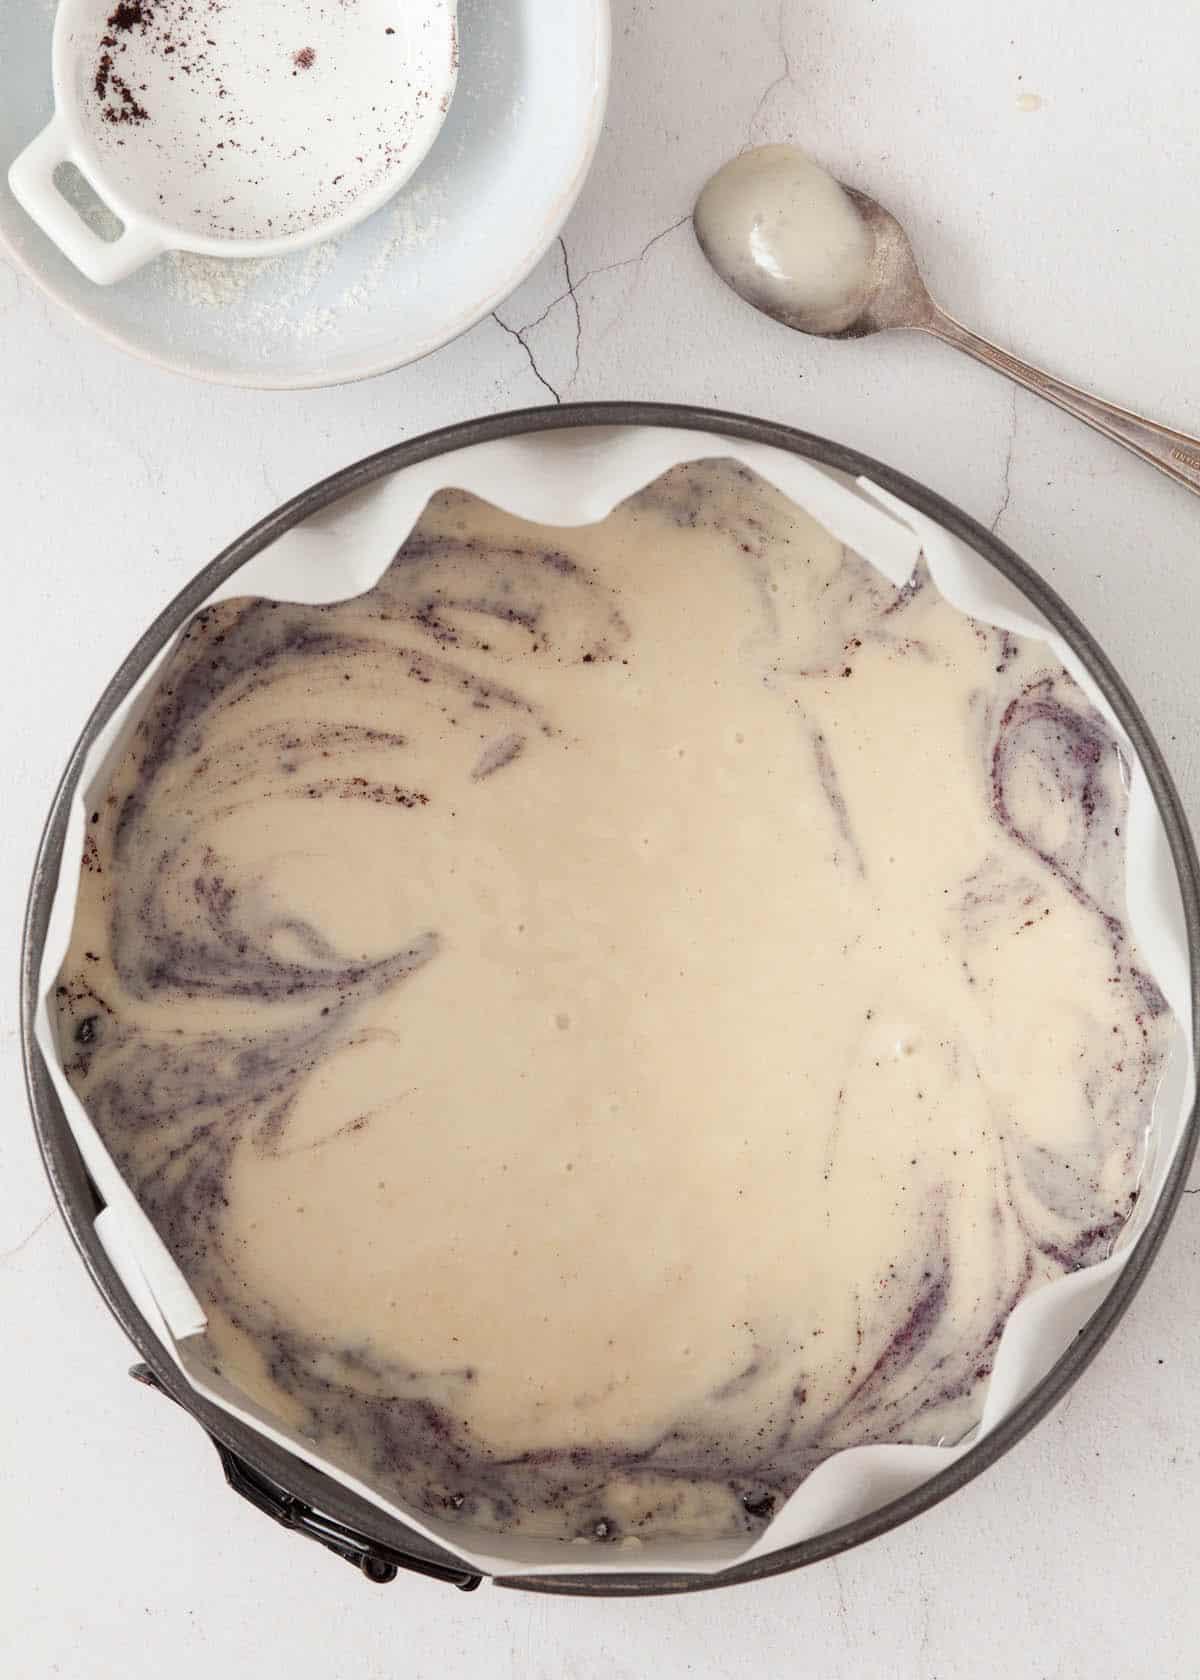 Process shot: vegan cake ready to bake